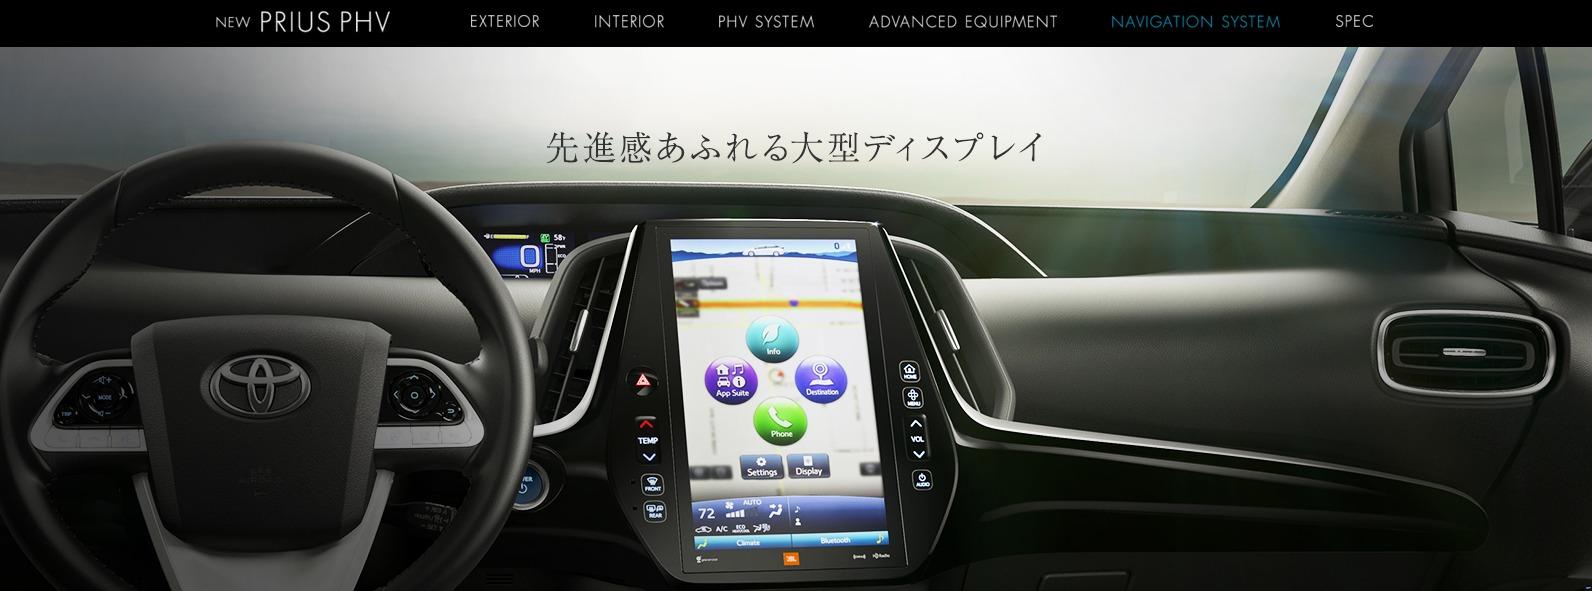 トヨタ 新型プリウスPHV トヨタ自動車WEBサイト5